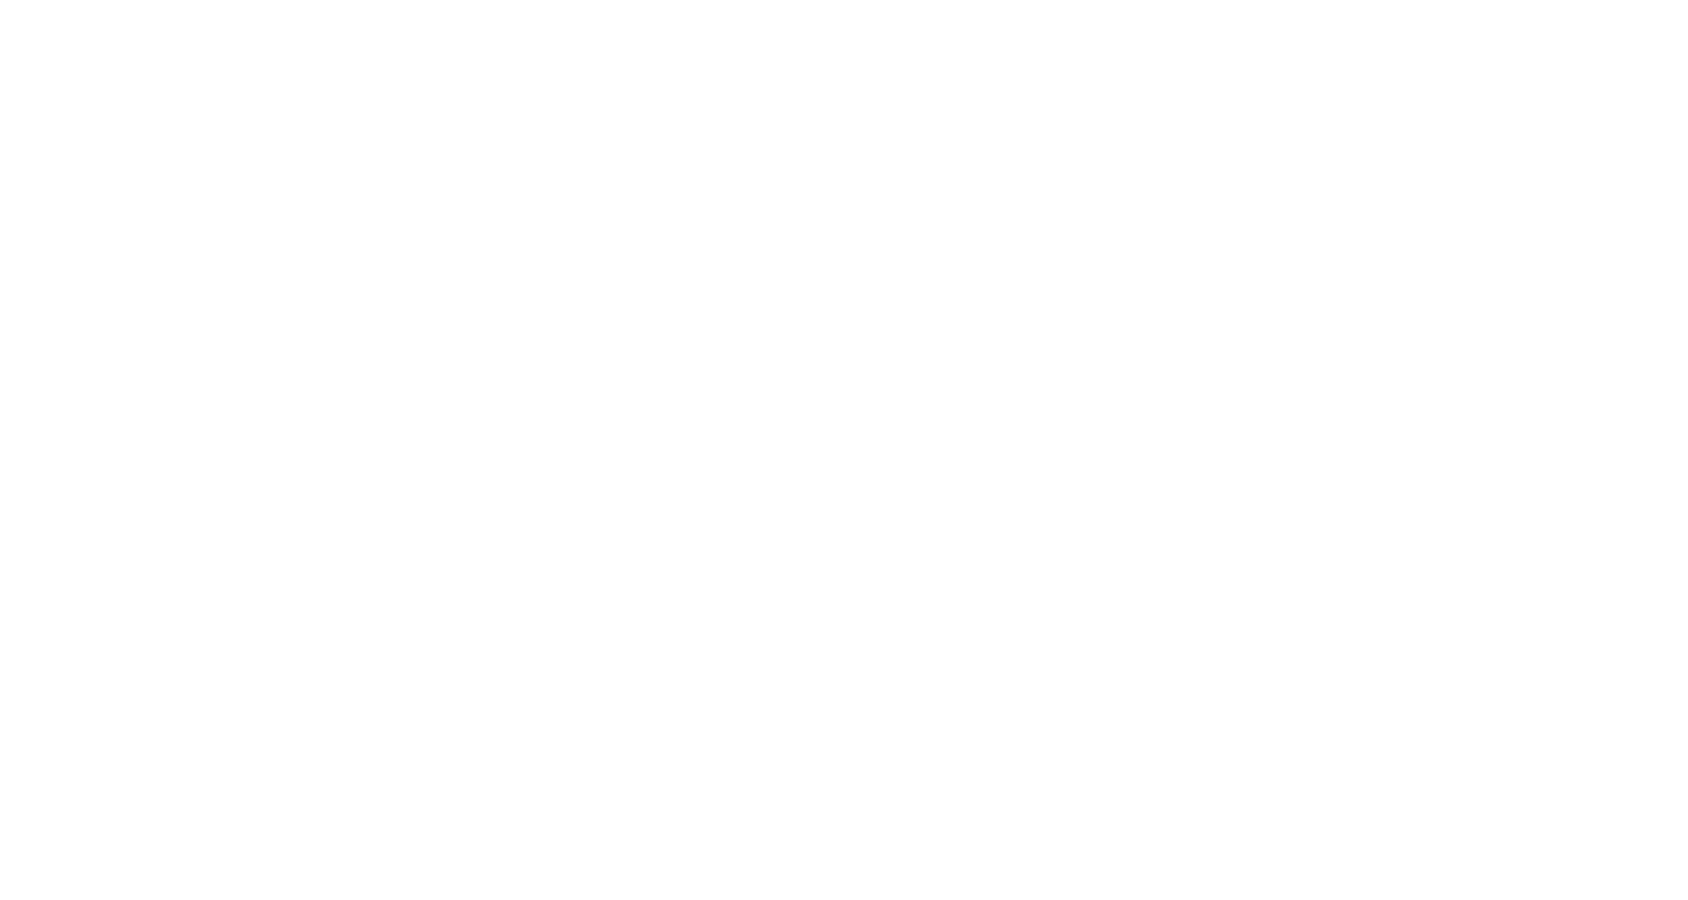 ezwheel partenaires aerospace valley